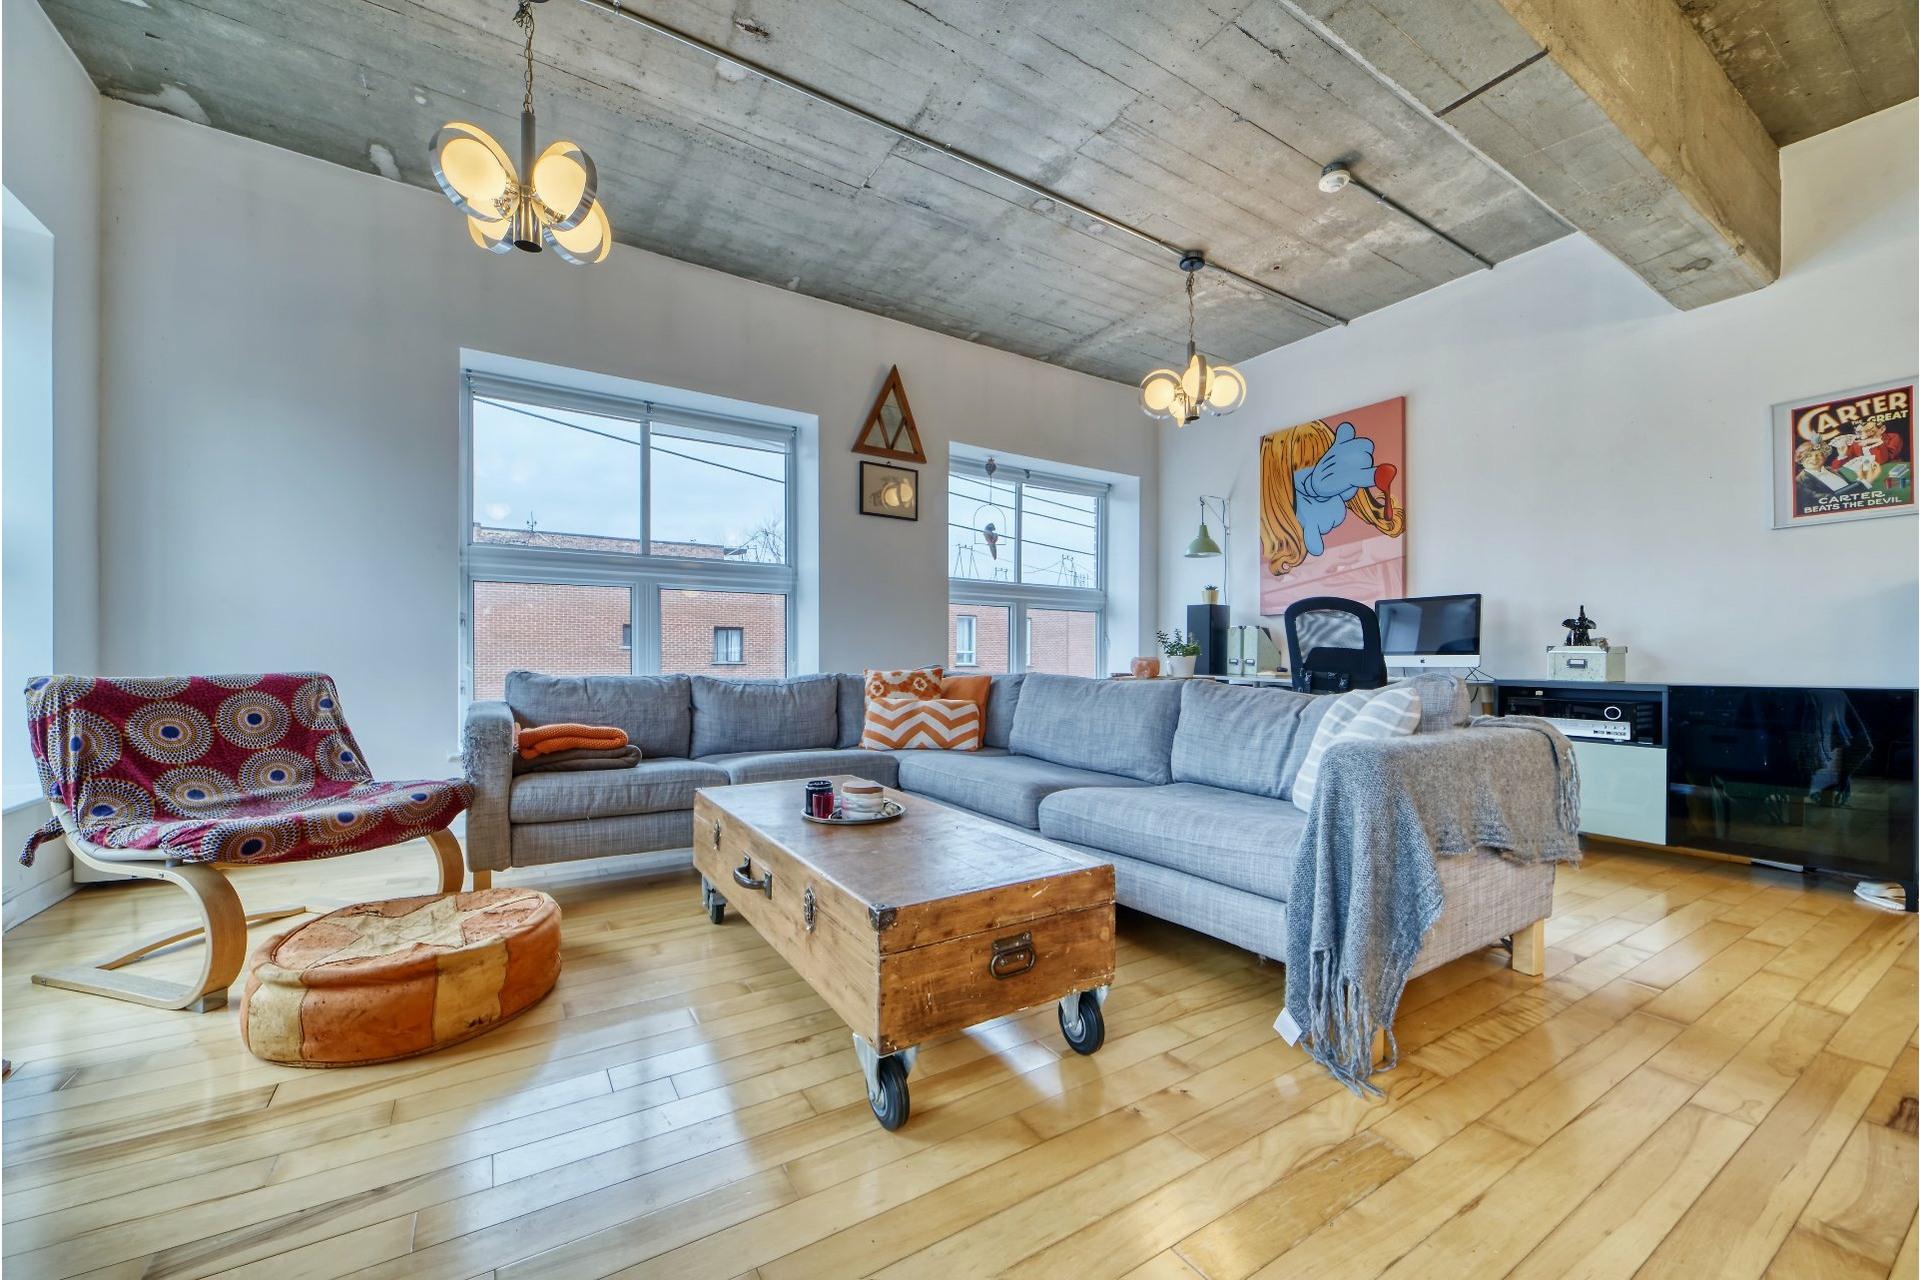 image 1 - Appartement À vendre Verdun/Île-des-Soeurs Montréal  - 3 pièces